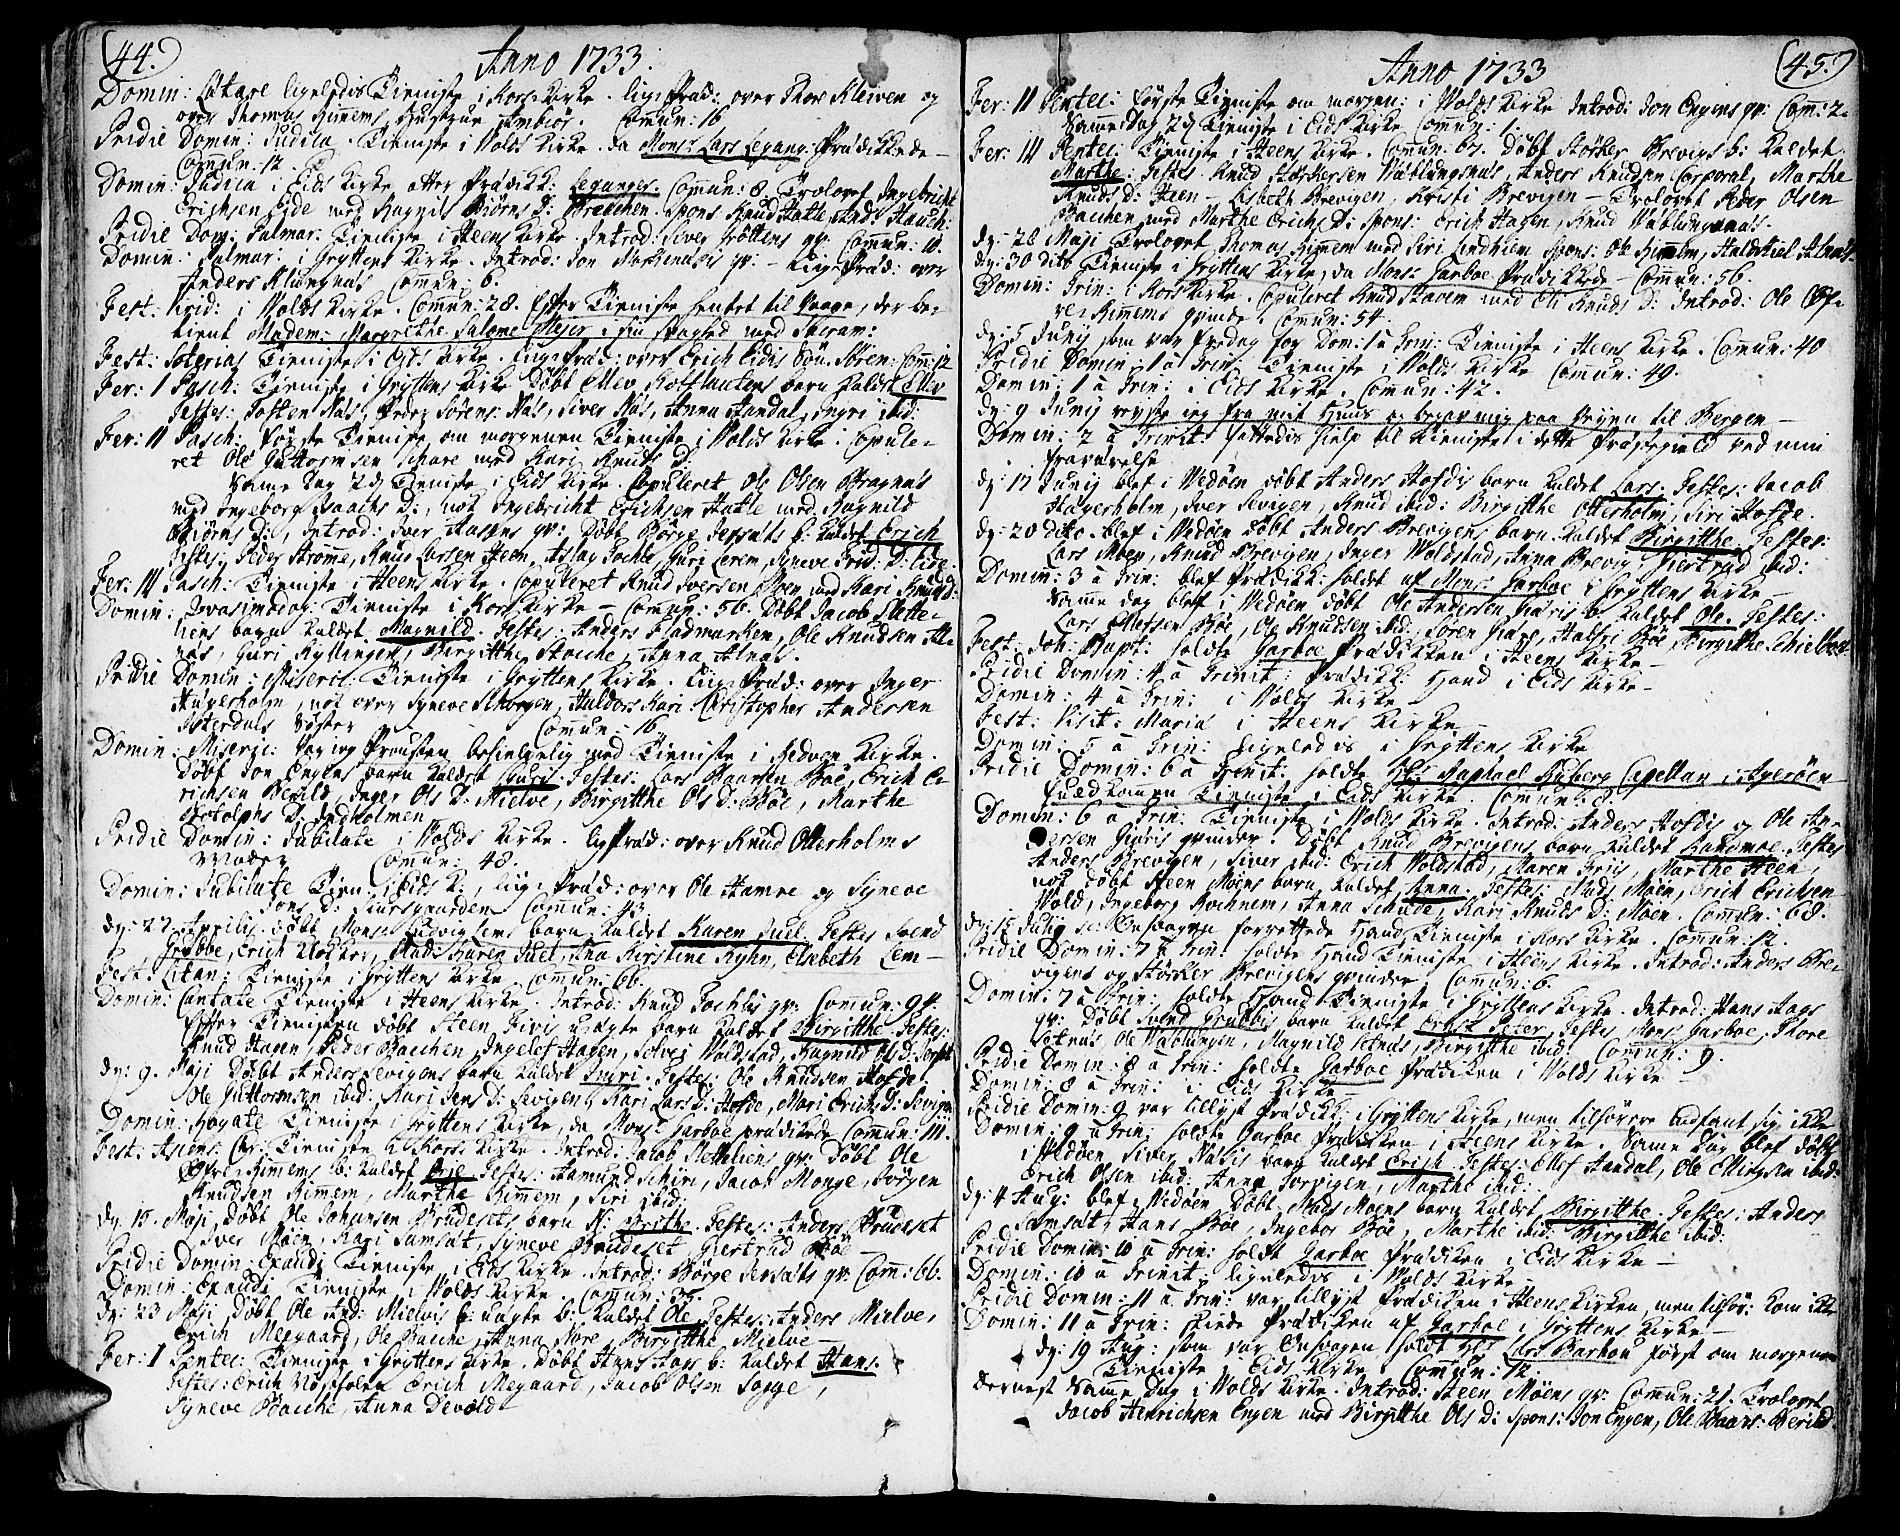 SAT, Ministerialprotokoller, klokkerbøker og fødselsregistre - Møre og Romsdal, 544/L0568: Ministerialbok nr. 544A01, 1725-1763, s. 44-45